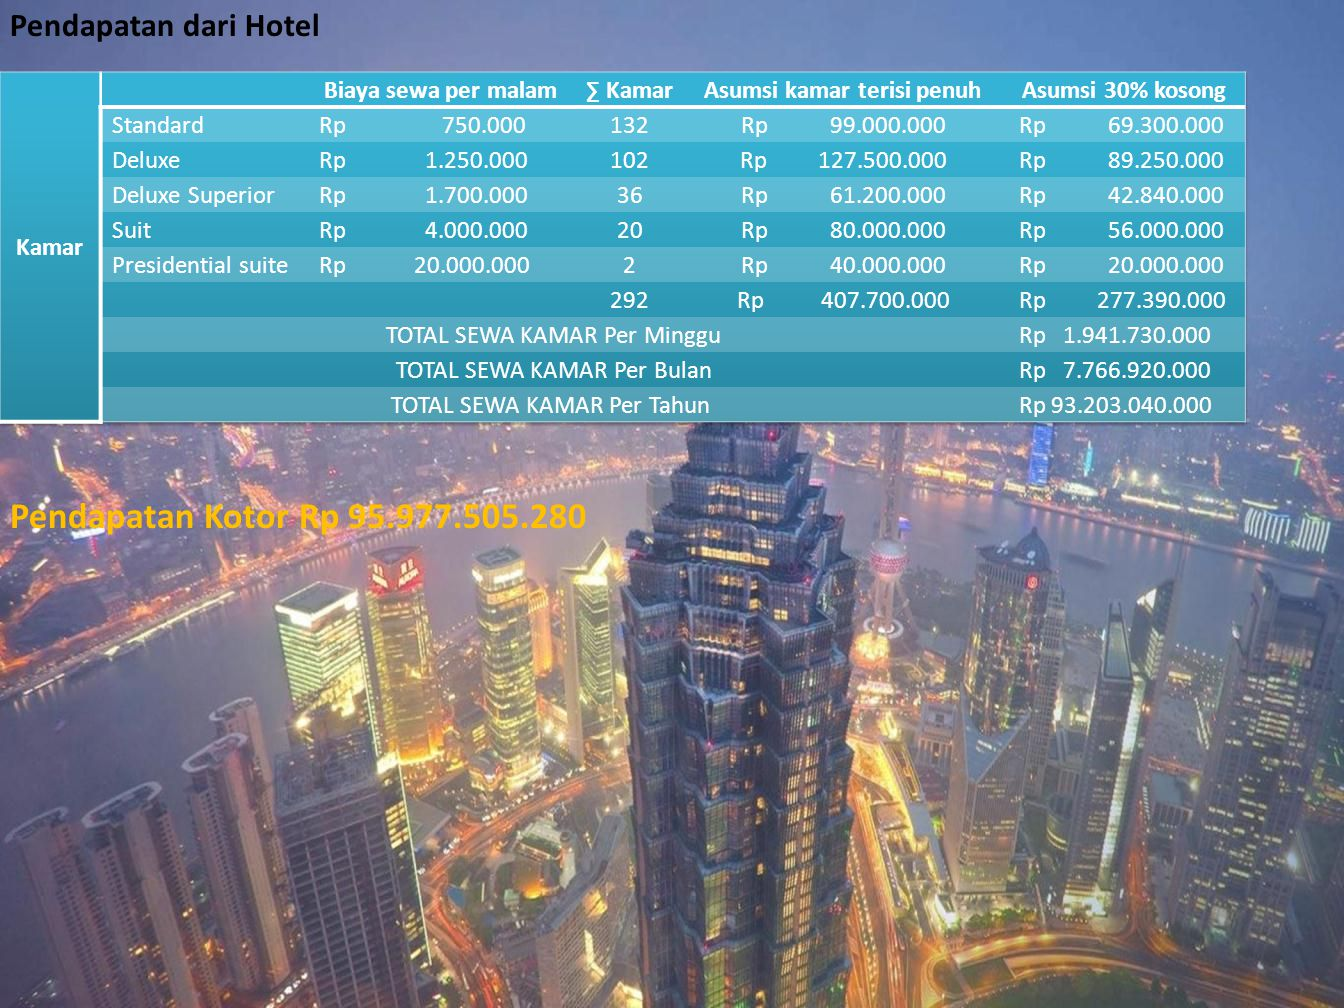 Pendapatan Kotor Rp 95.977.505.280 Pendapatan dari Hotel Kamar